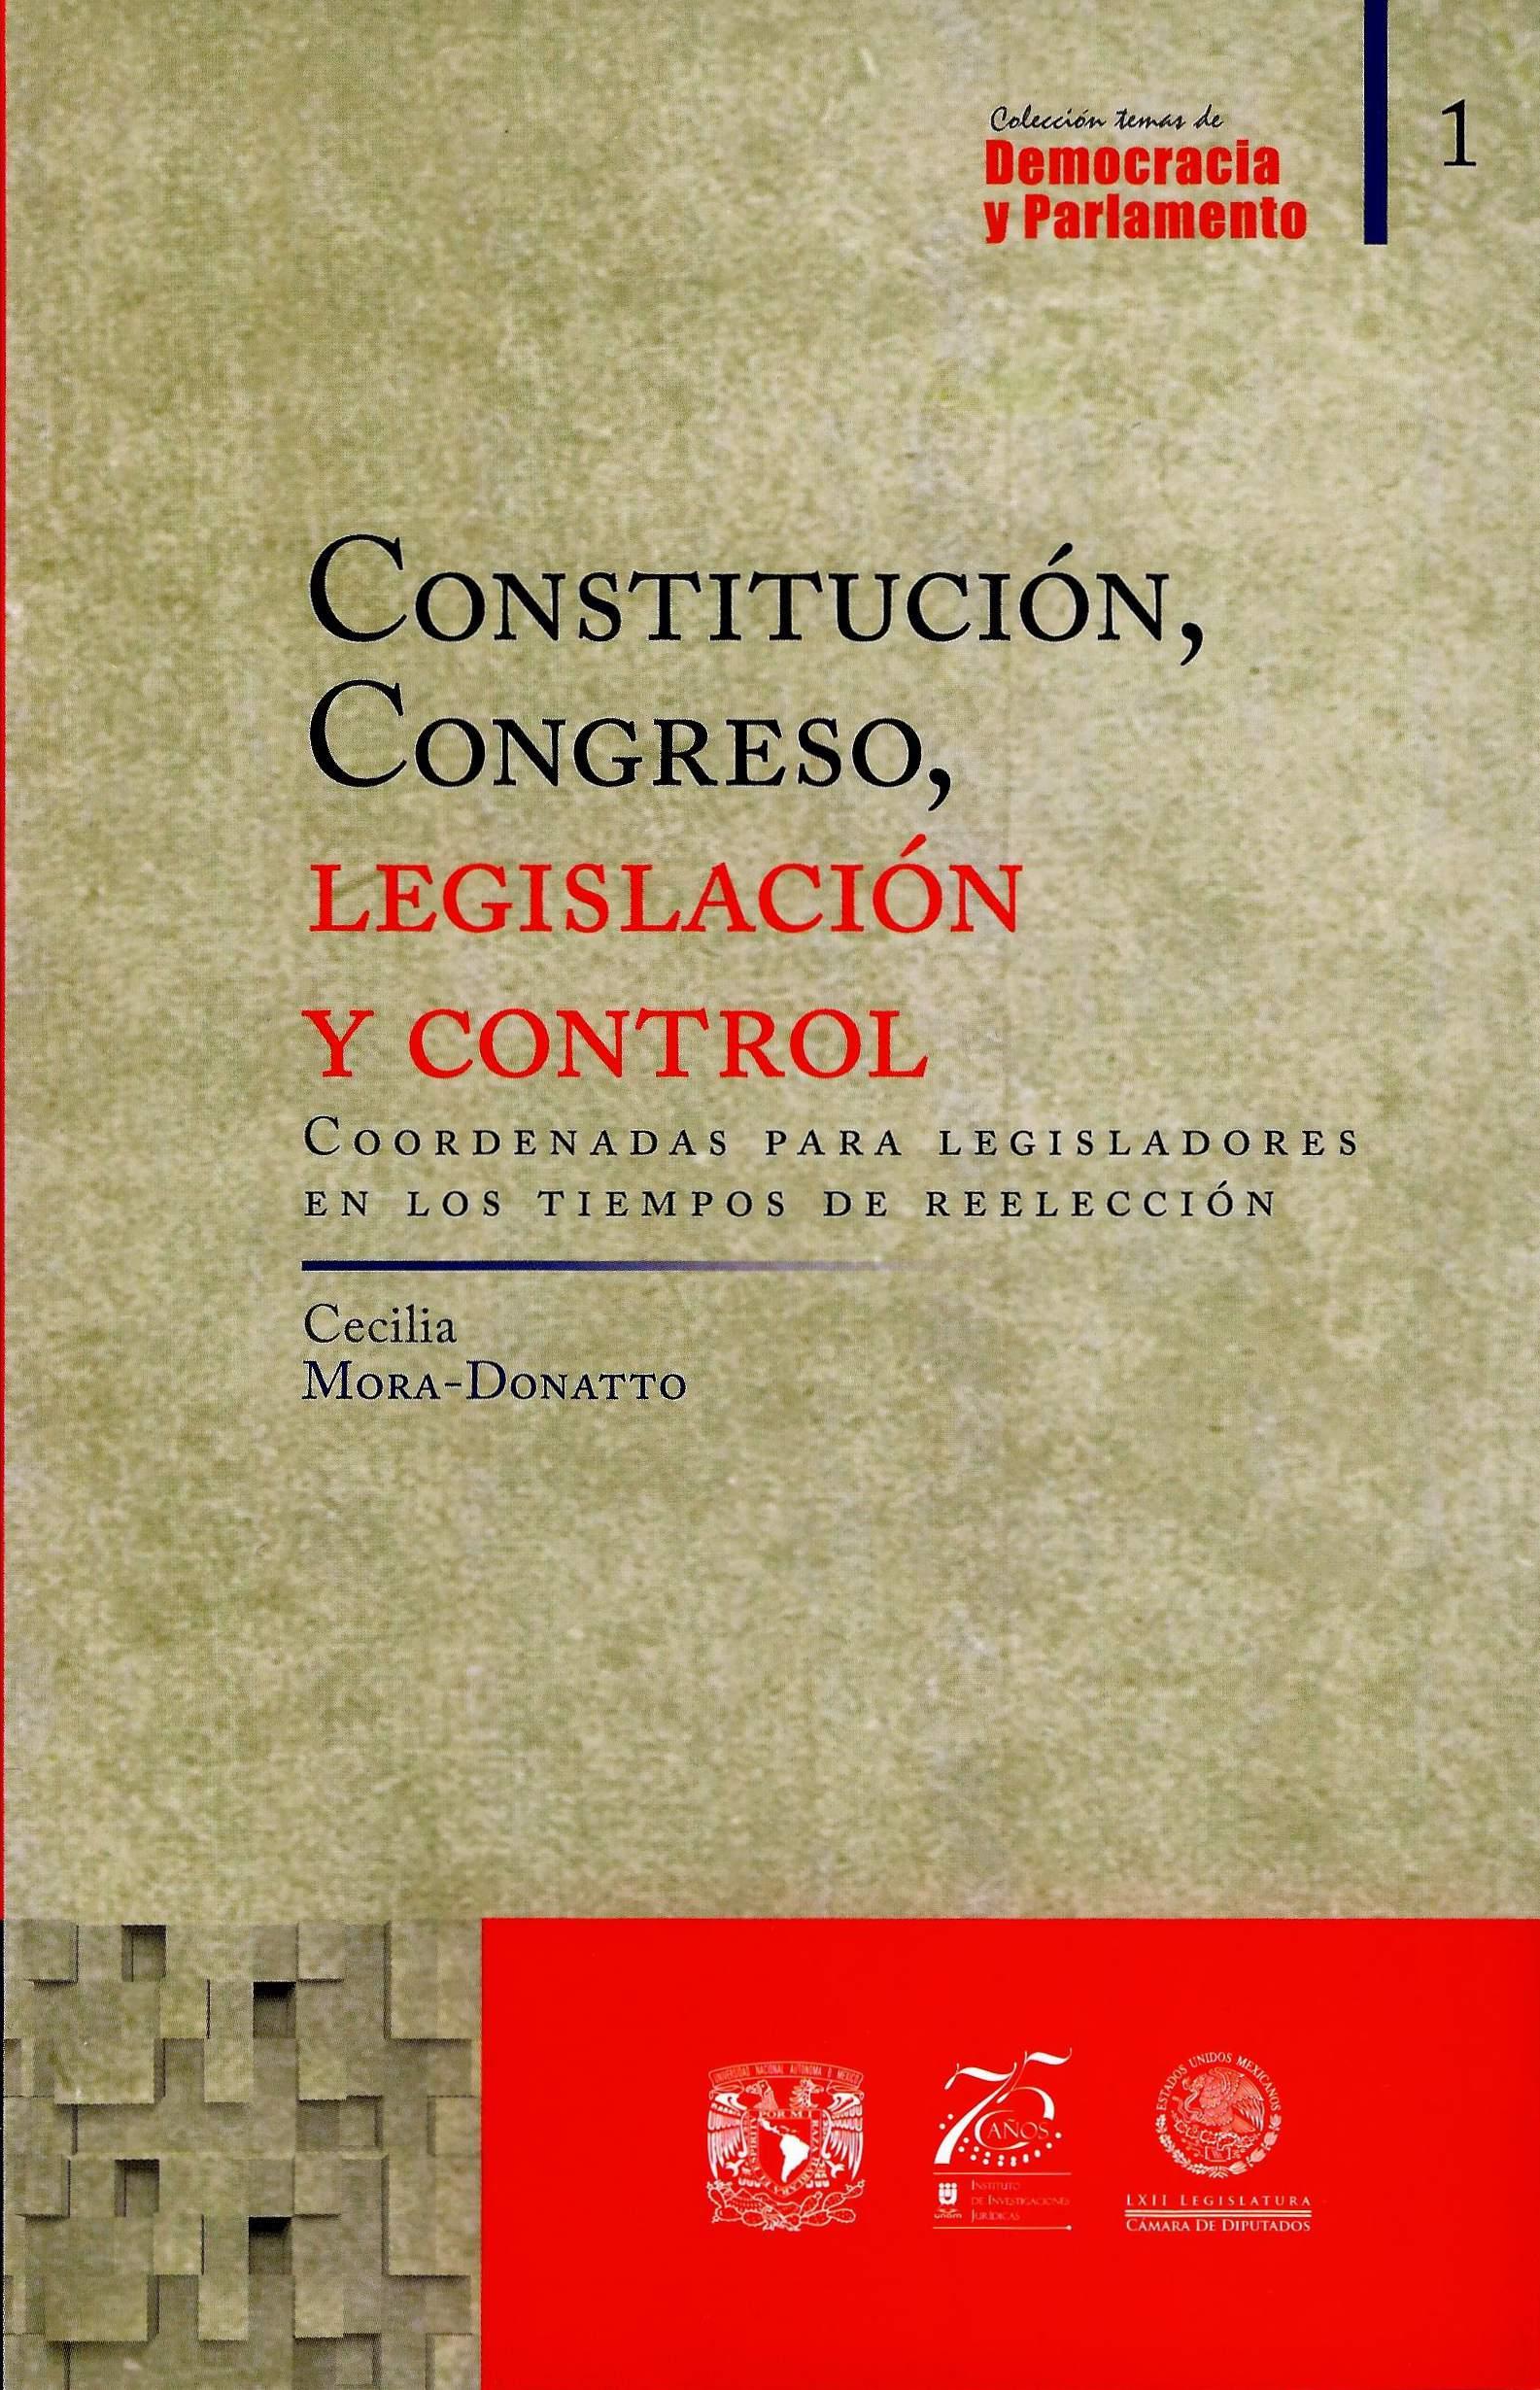 Constitución, Congreso, legislación y control. Coordenadas para legisladores en los tiempos de reelección